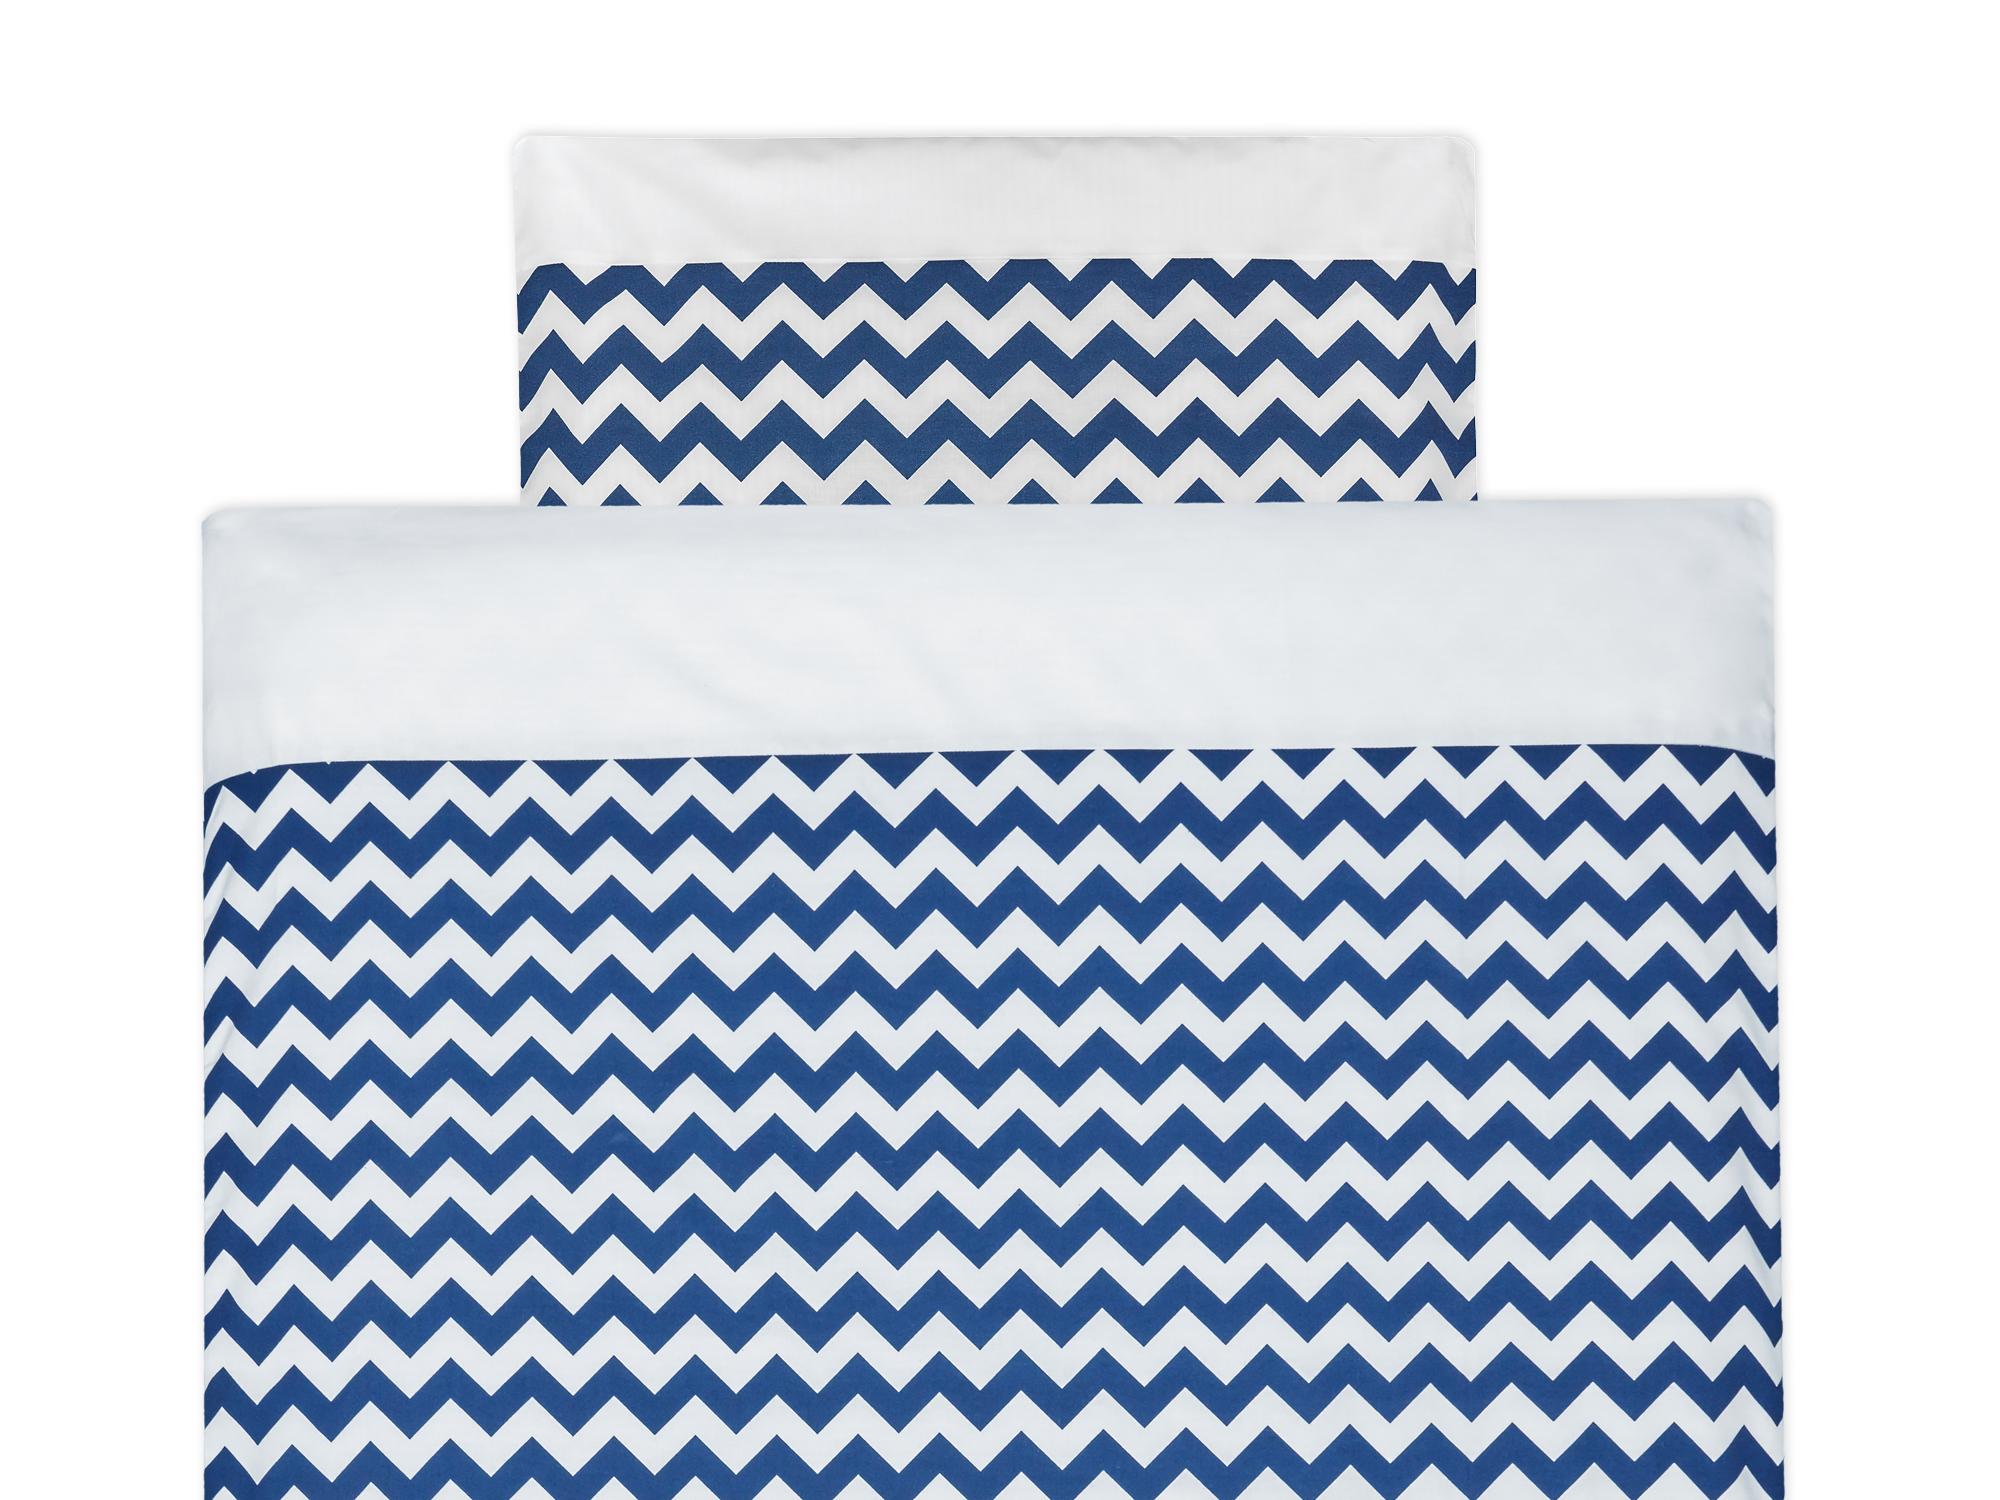 KraftKids Bettwäscheset Uniweiss und Chevron dunkelblau 100 x 135 cm, Kissen 40 x 60 cm